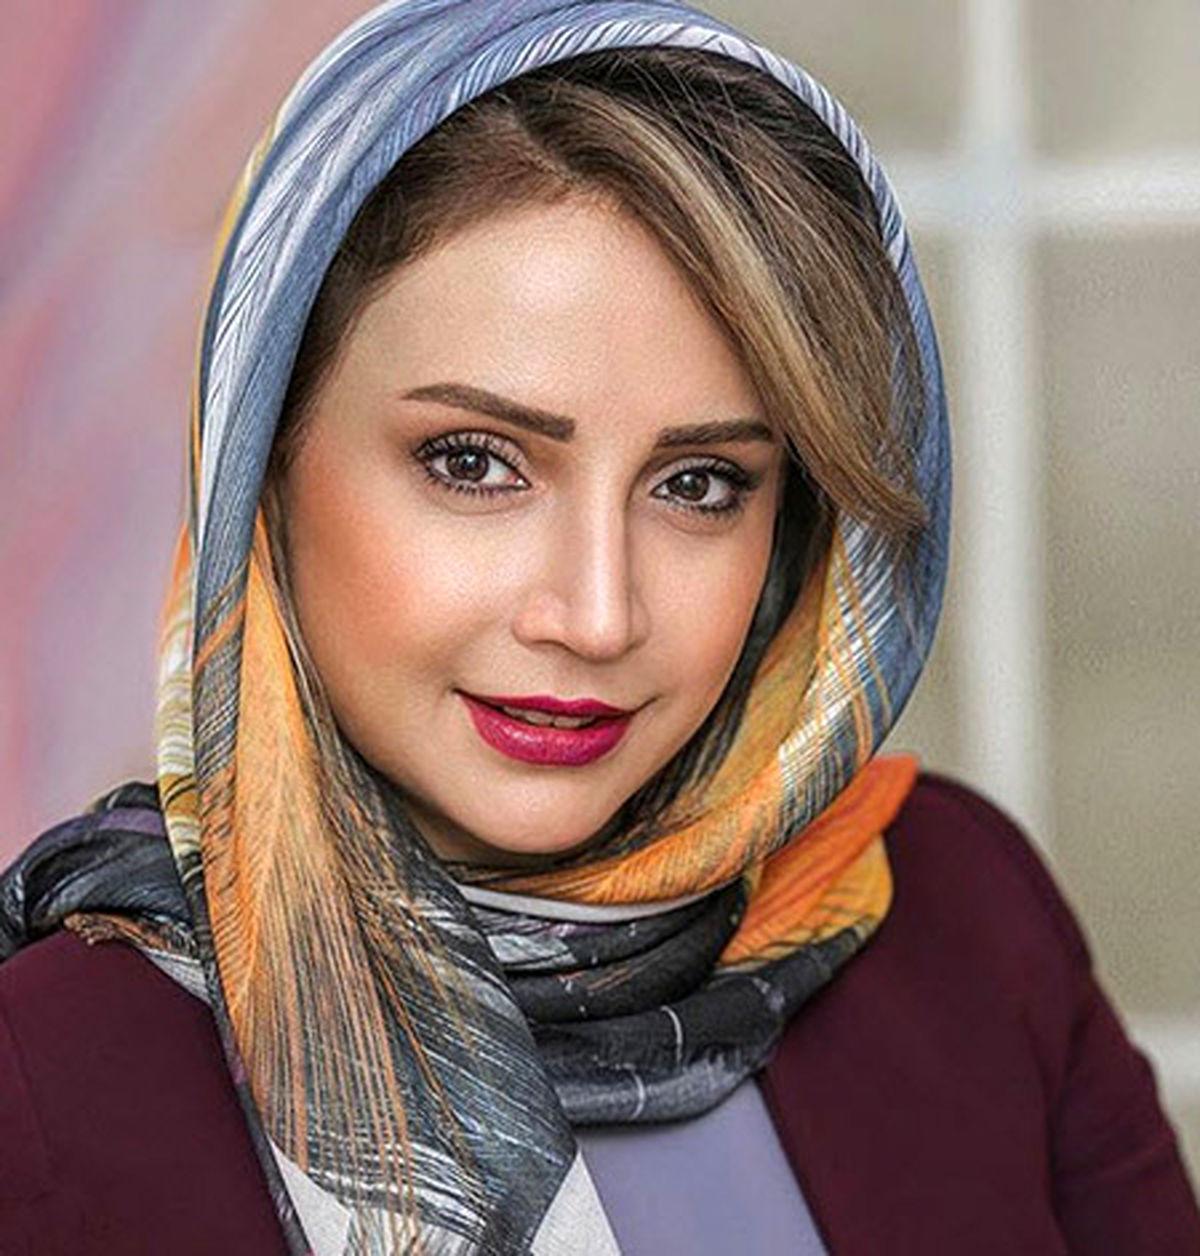 شبنم قلی خانی با شلوار ناجور در استخر + عکس